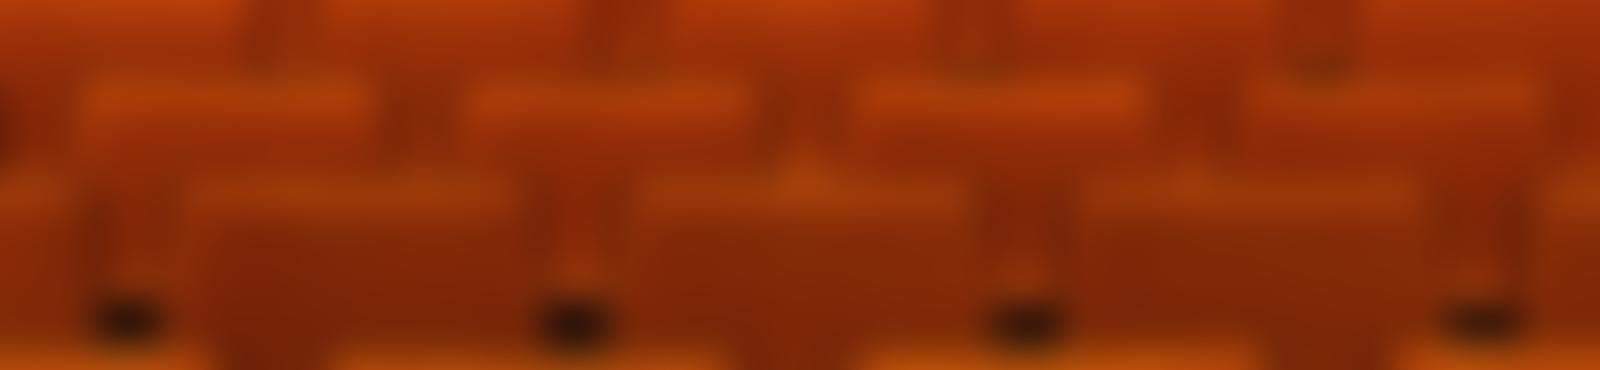 Blurred 75b6d0f2 4b99 4eeb bac1 ca68fc61ebf3